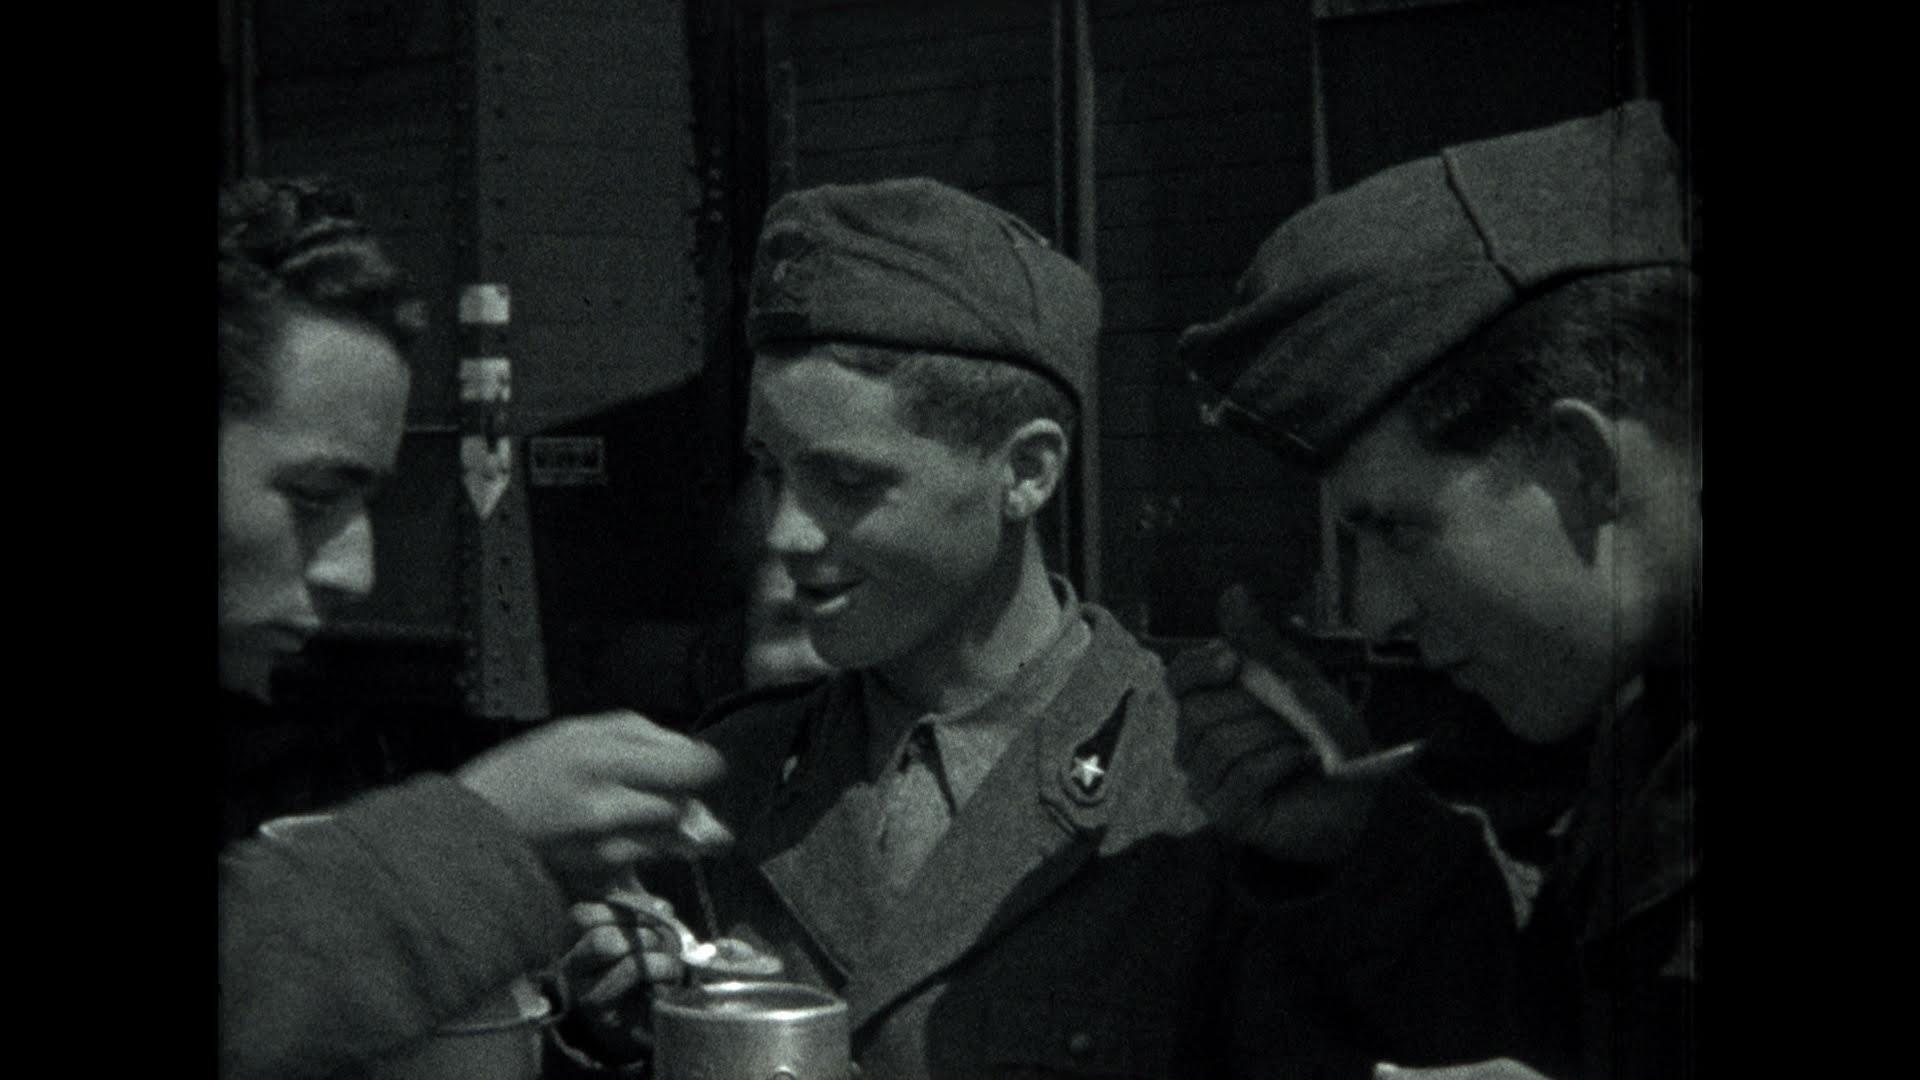 Da Bologna a Stalino guerra mondiale deportati foto